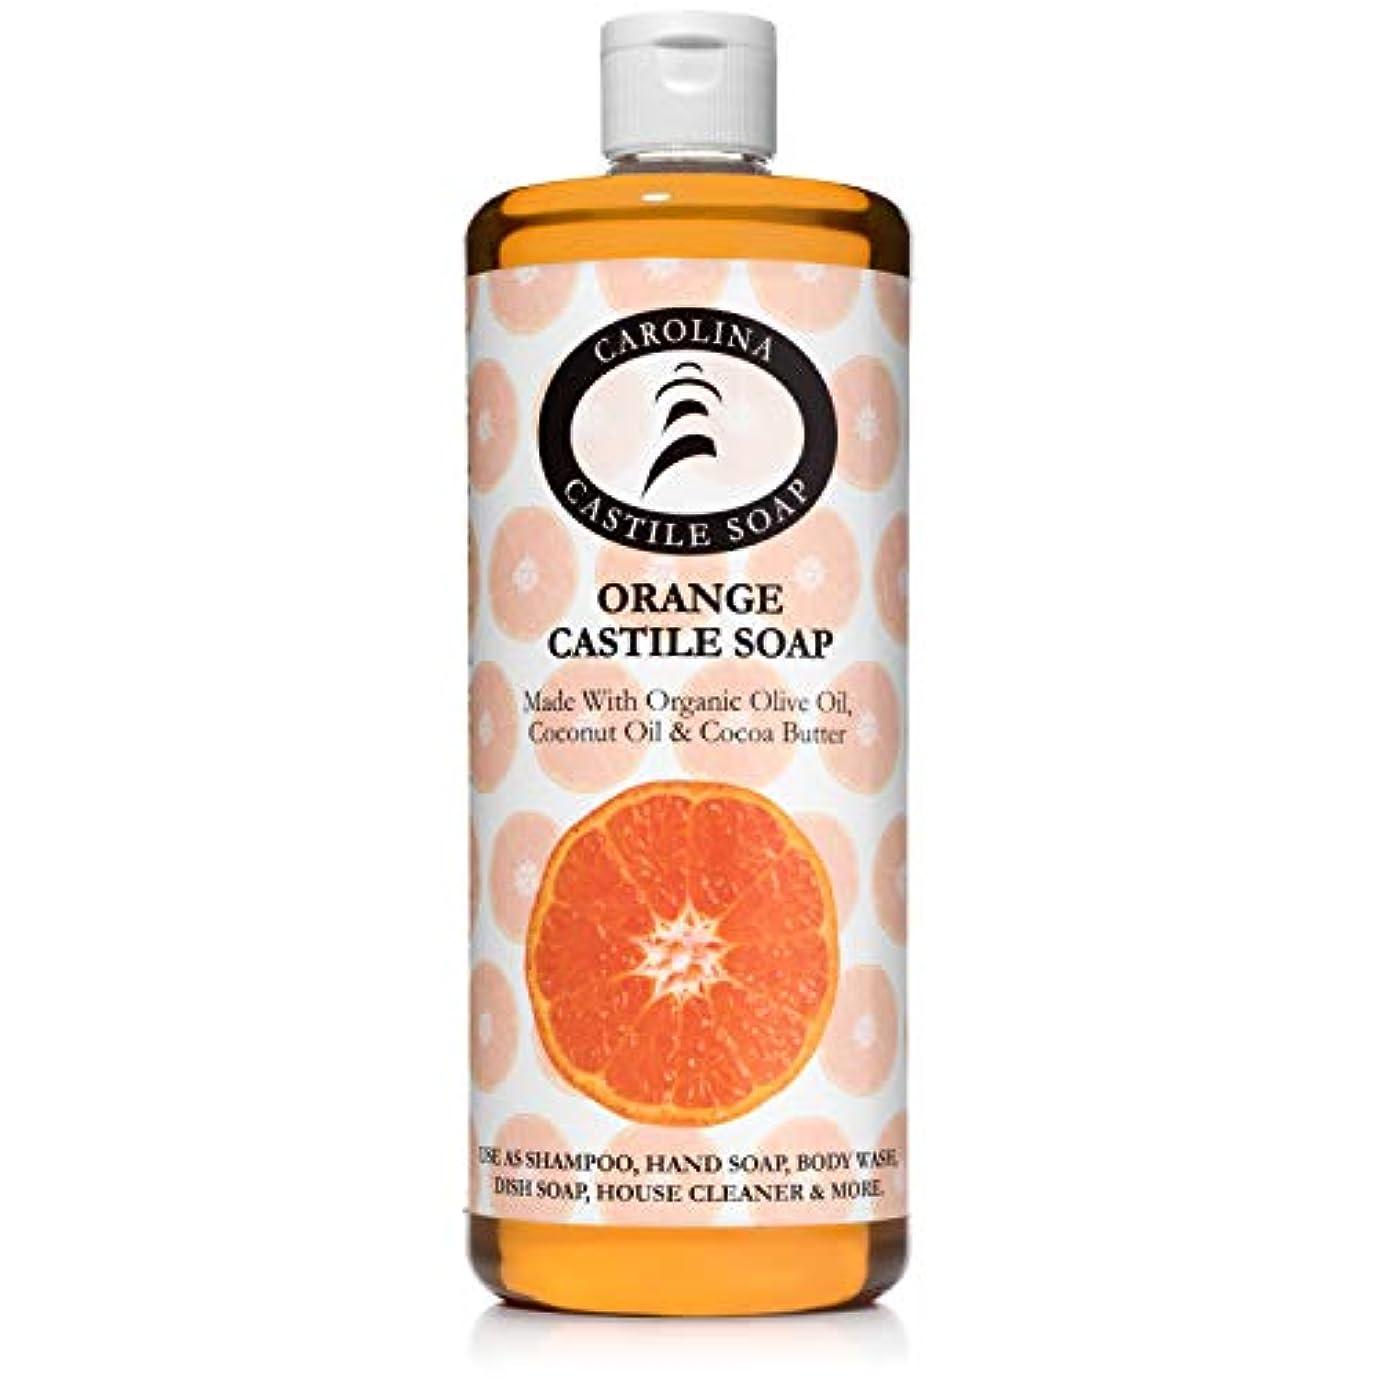 嫌悪緩むスコットランド人Carolina Castile Soap オーガニックカカオバターオーガニック 32オズ